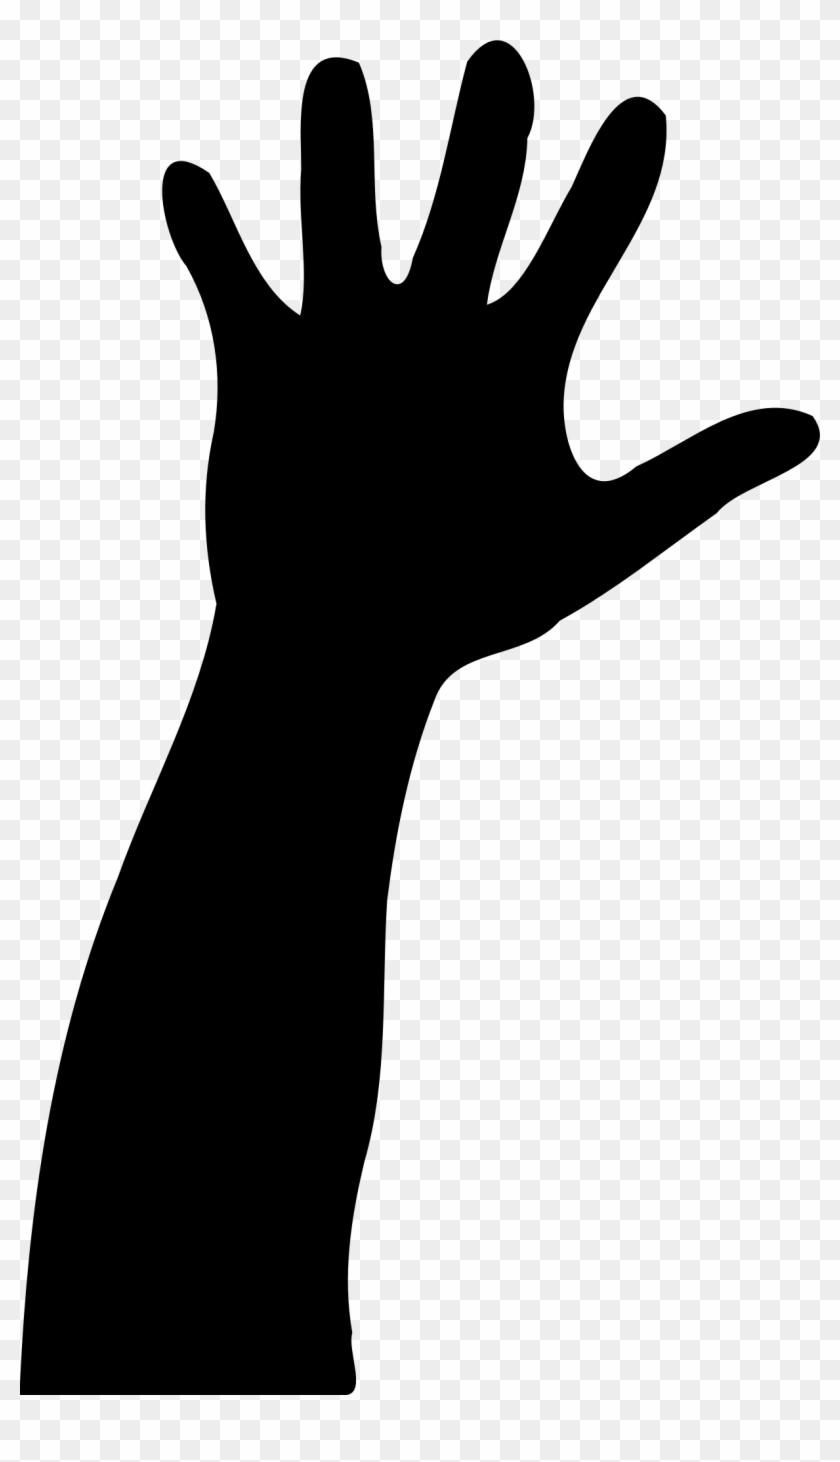 Hand - Raised Hand Silhouette #118192